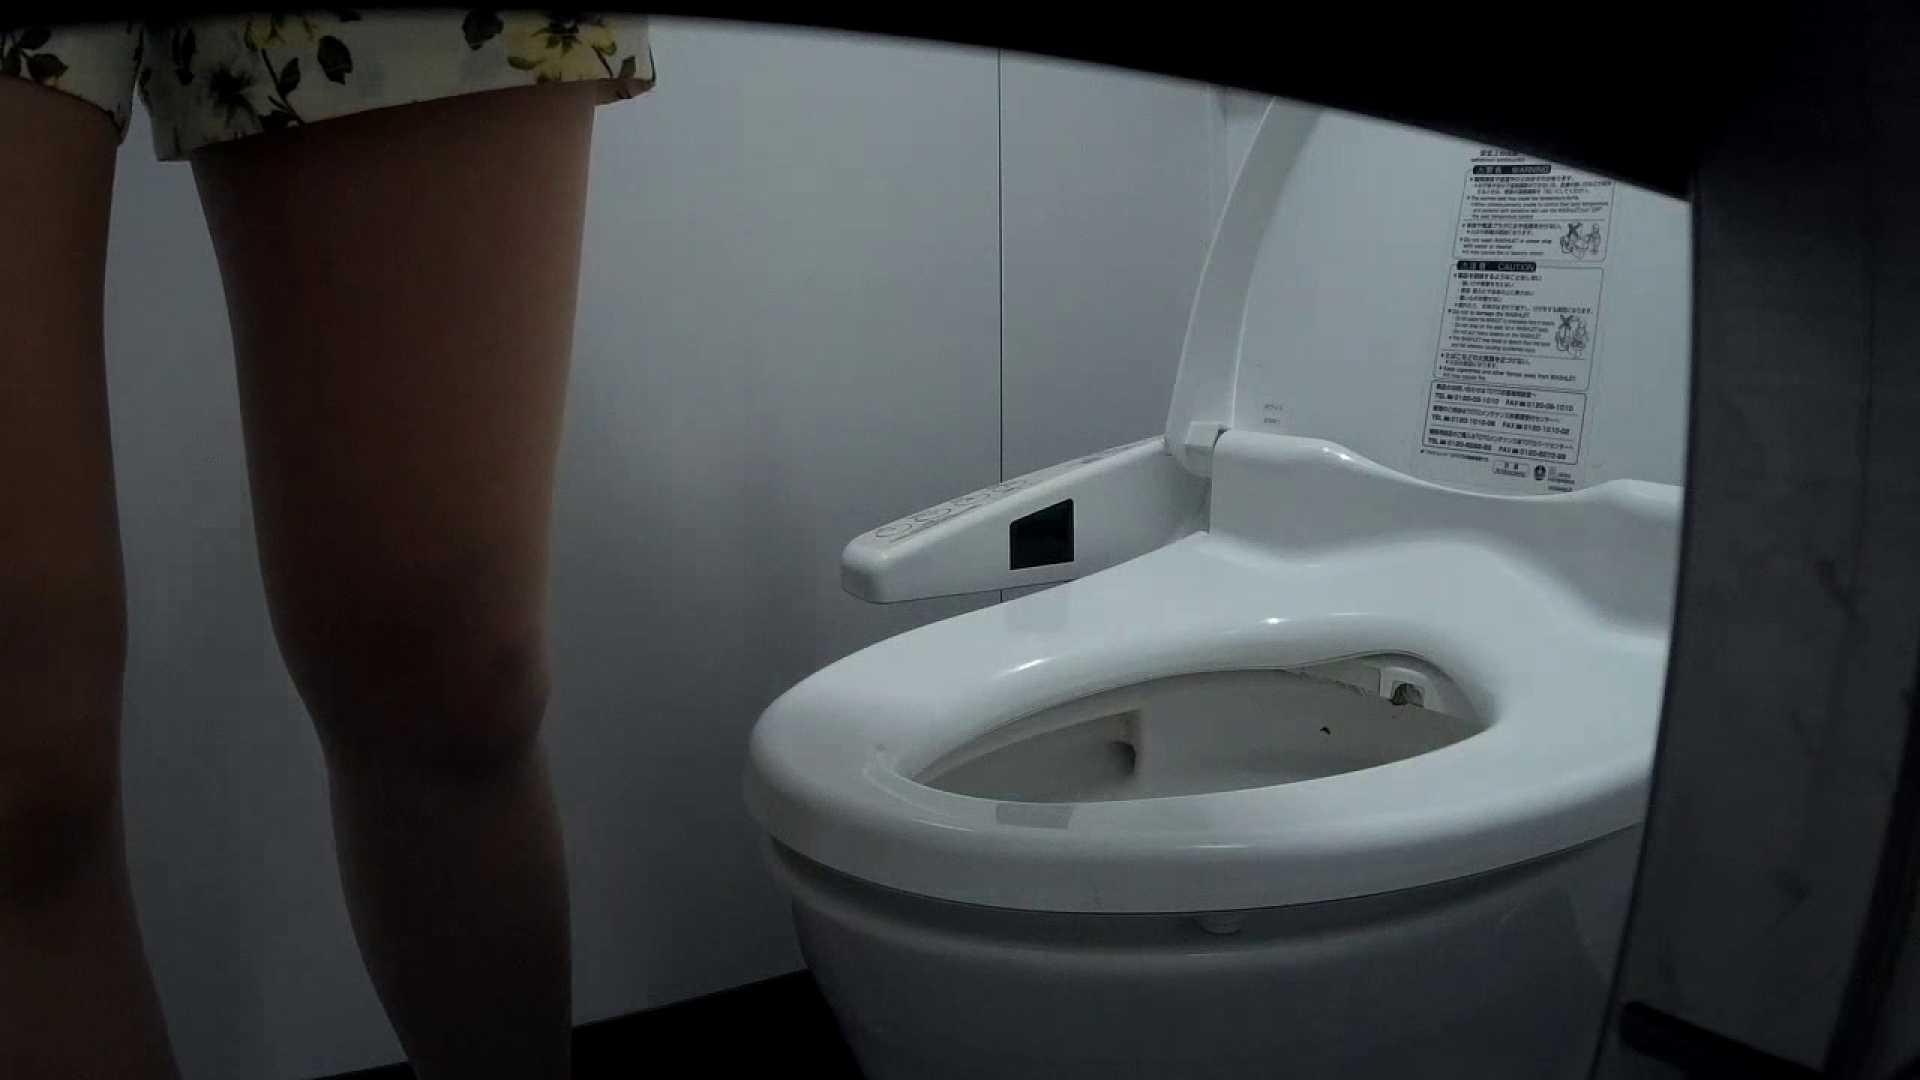 某有名大学女性洗面所 vol.34 今回は、2カメでばっちりいっちゃいました。 排泄 おまんこ動画流出 87枚 71